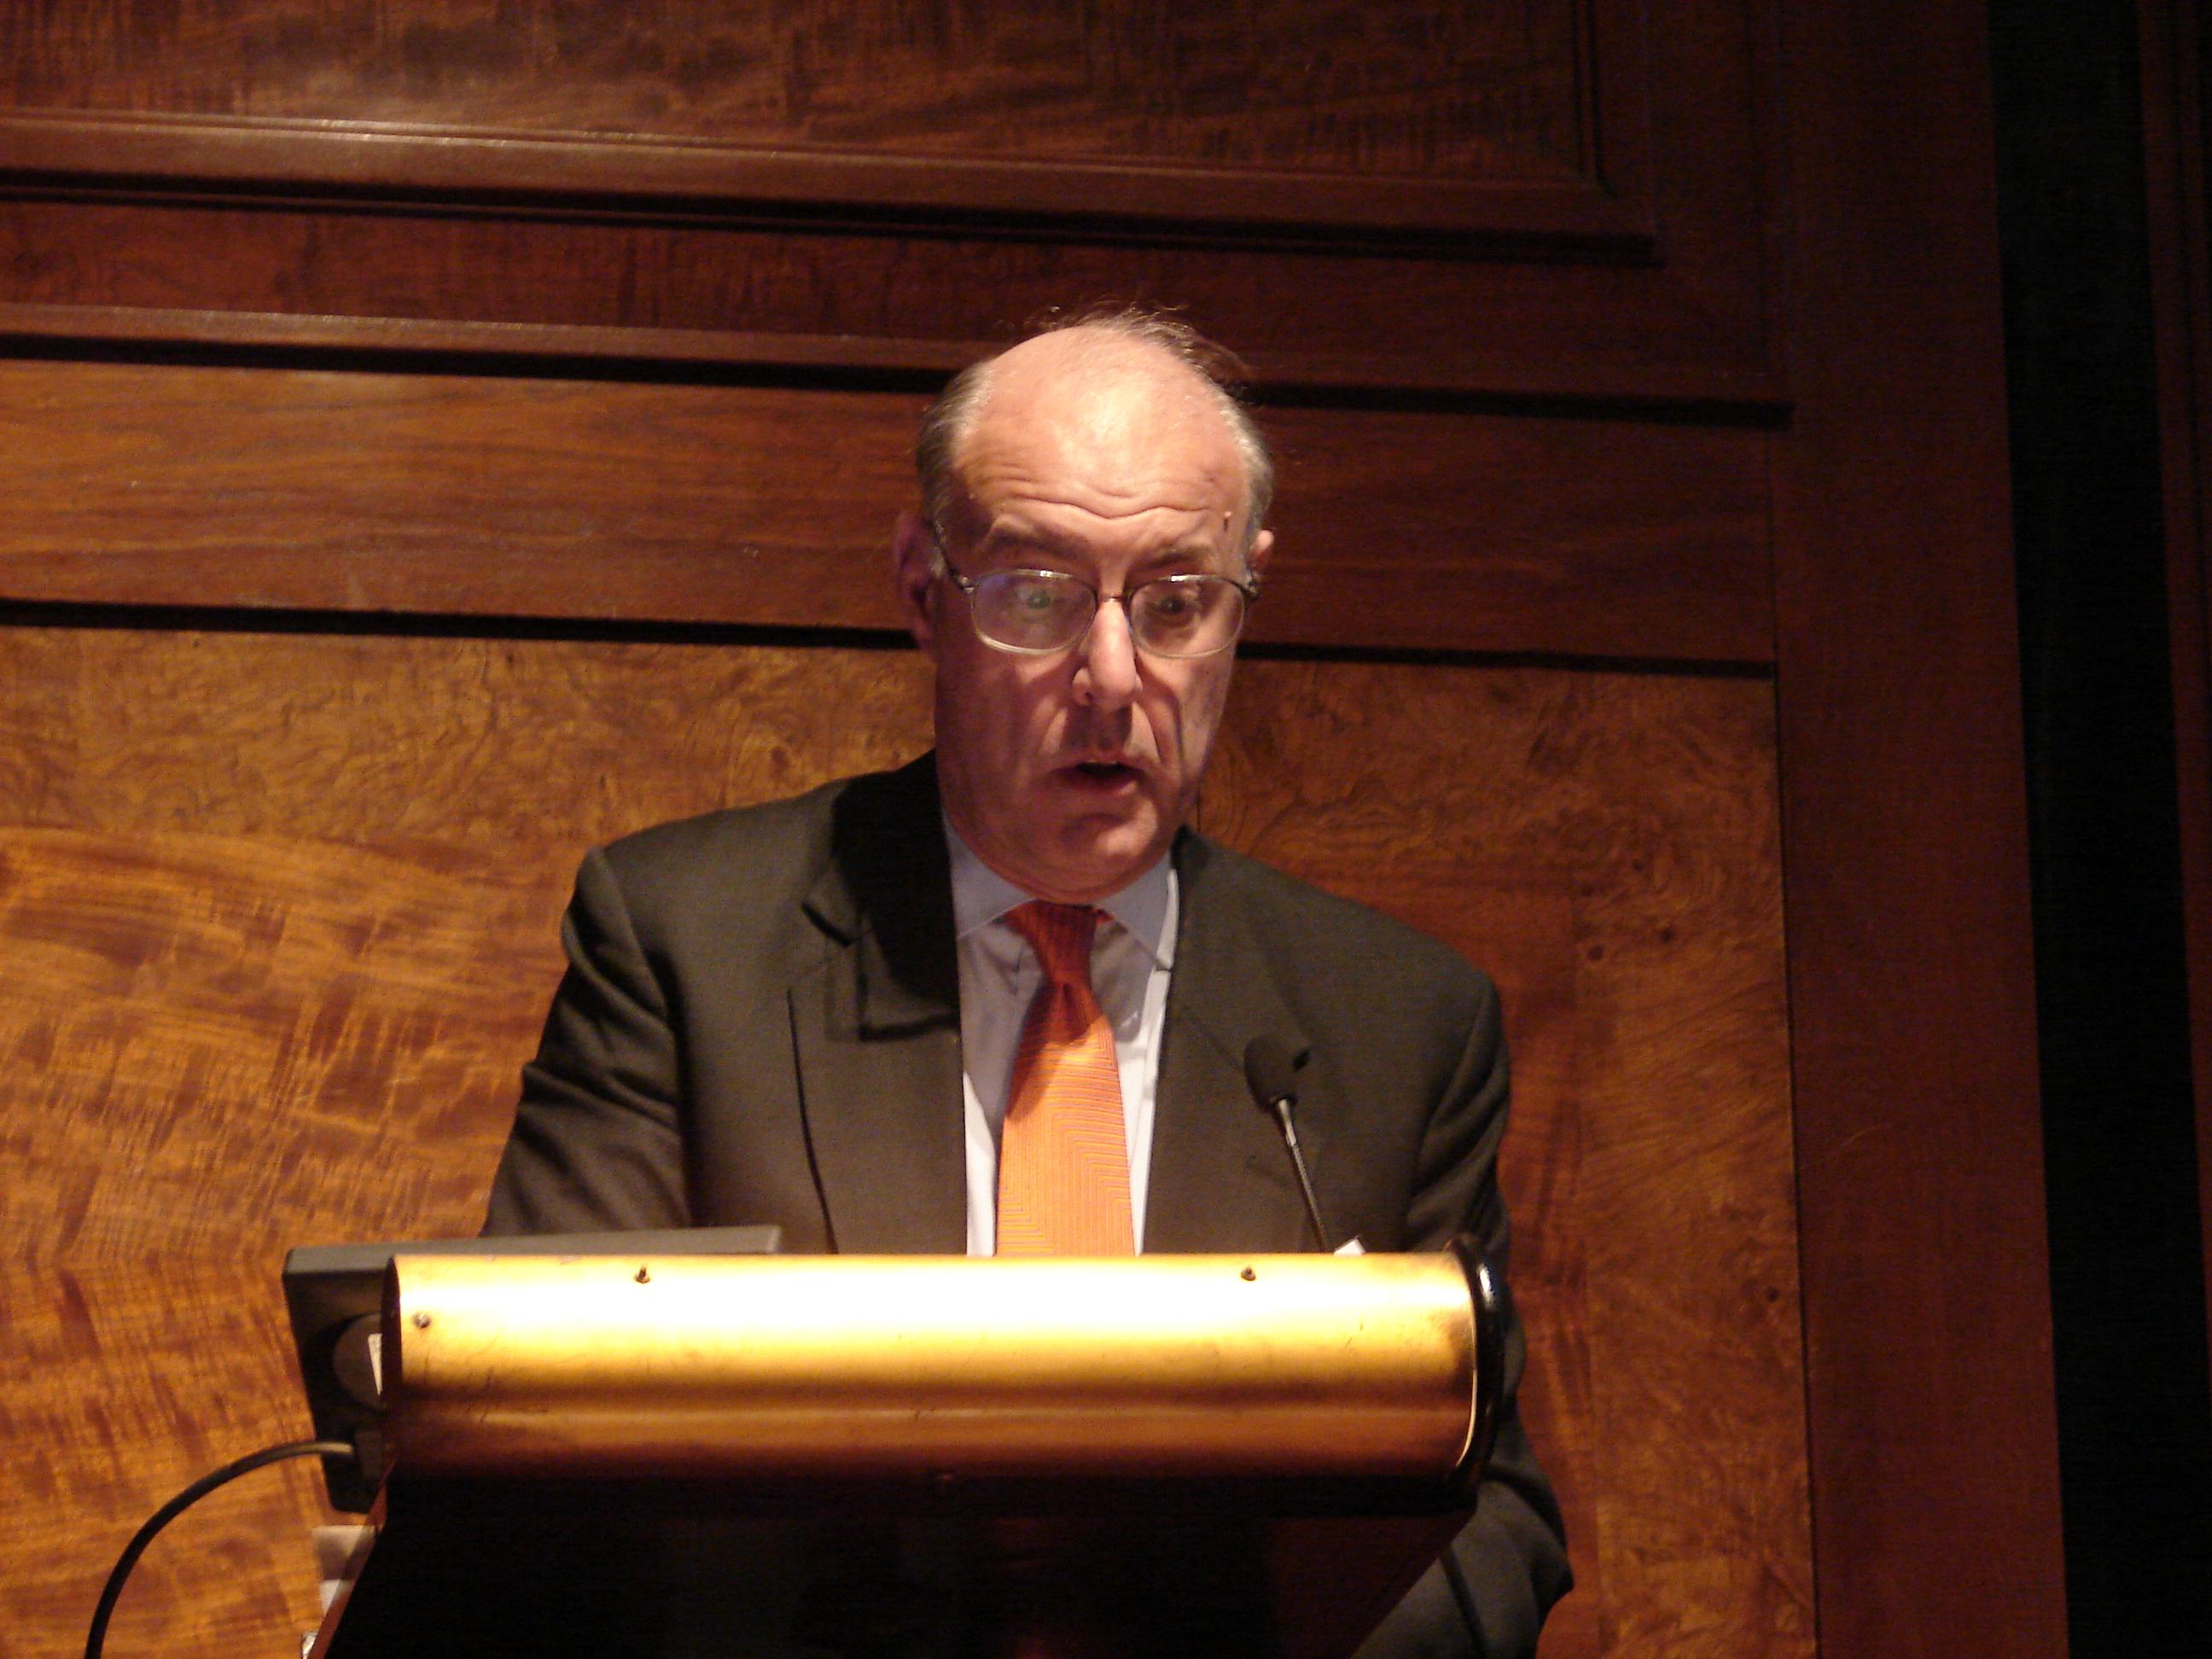 Cannadine in February 2010